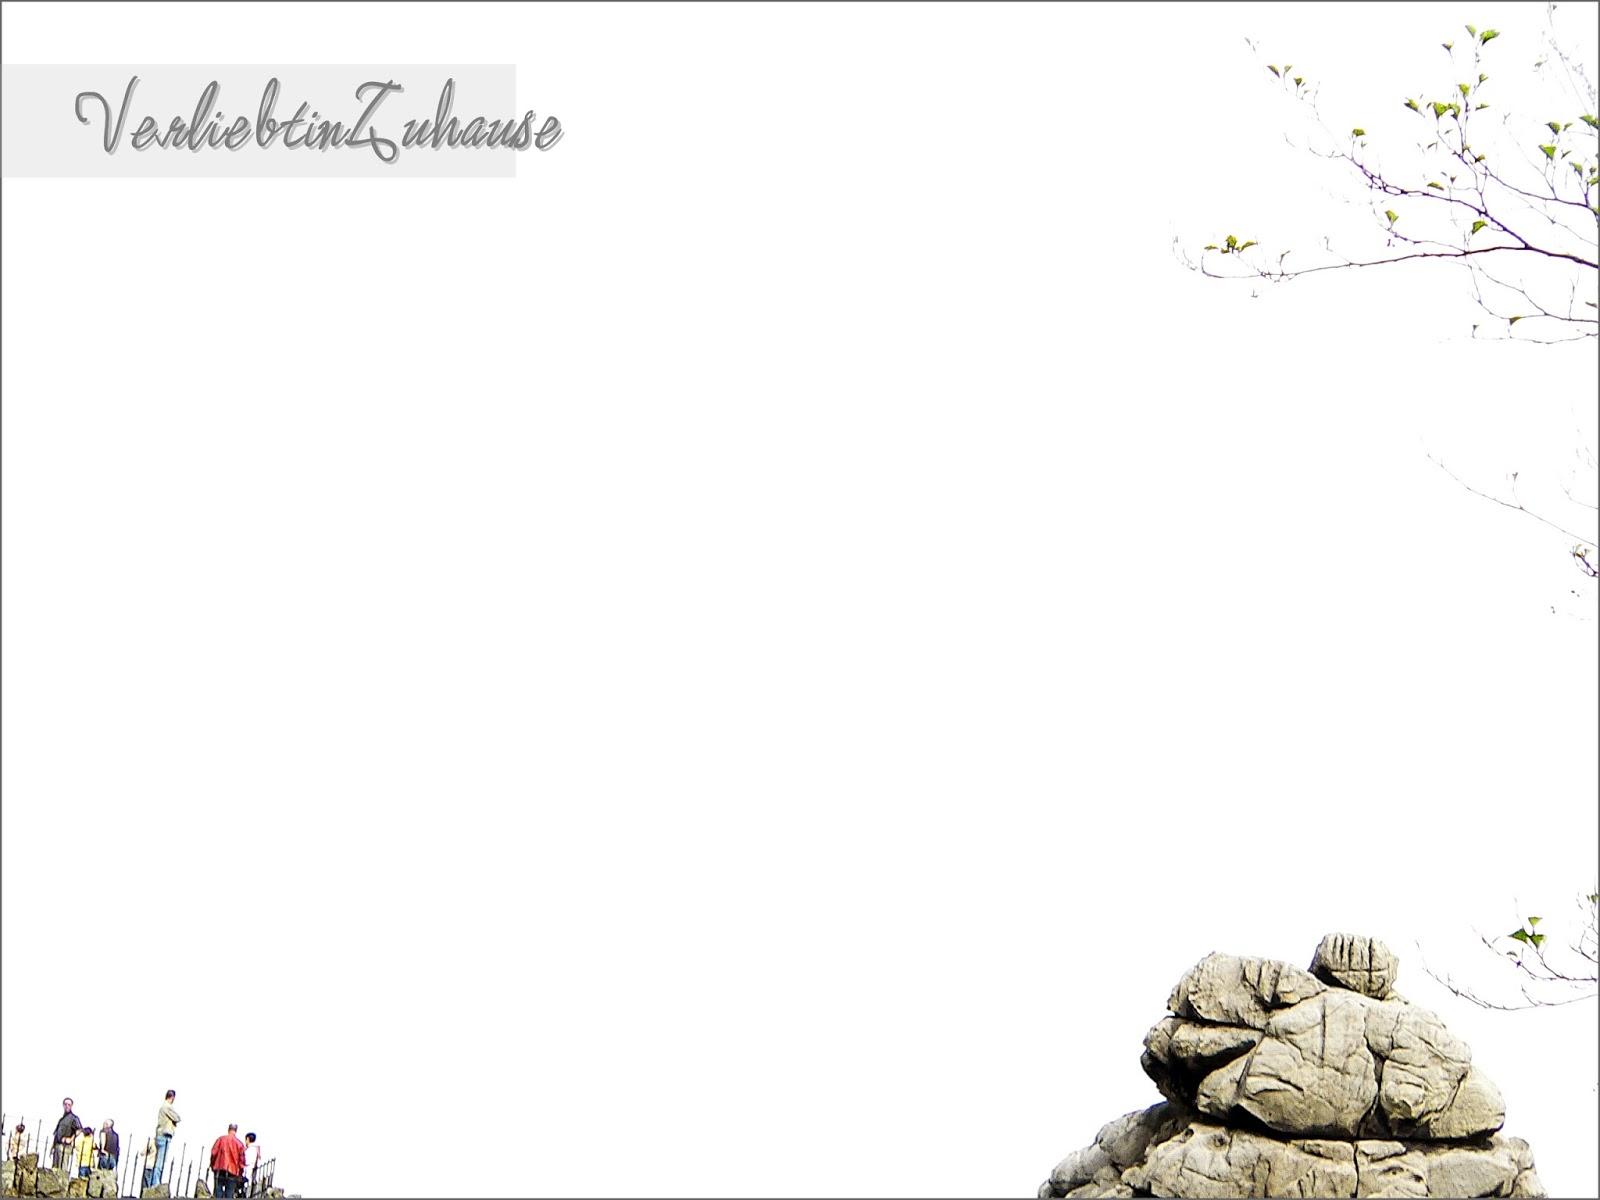 Externsteinen: Himmel ist überstraht. Foto nach Bildkorrektur.